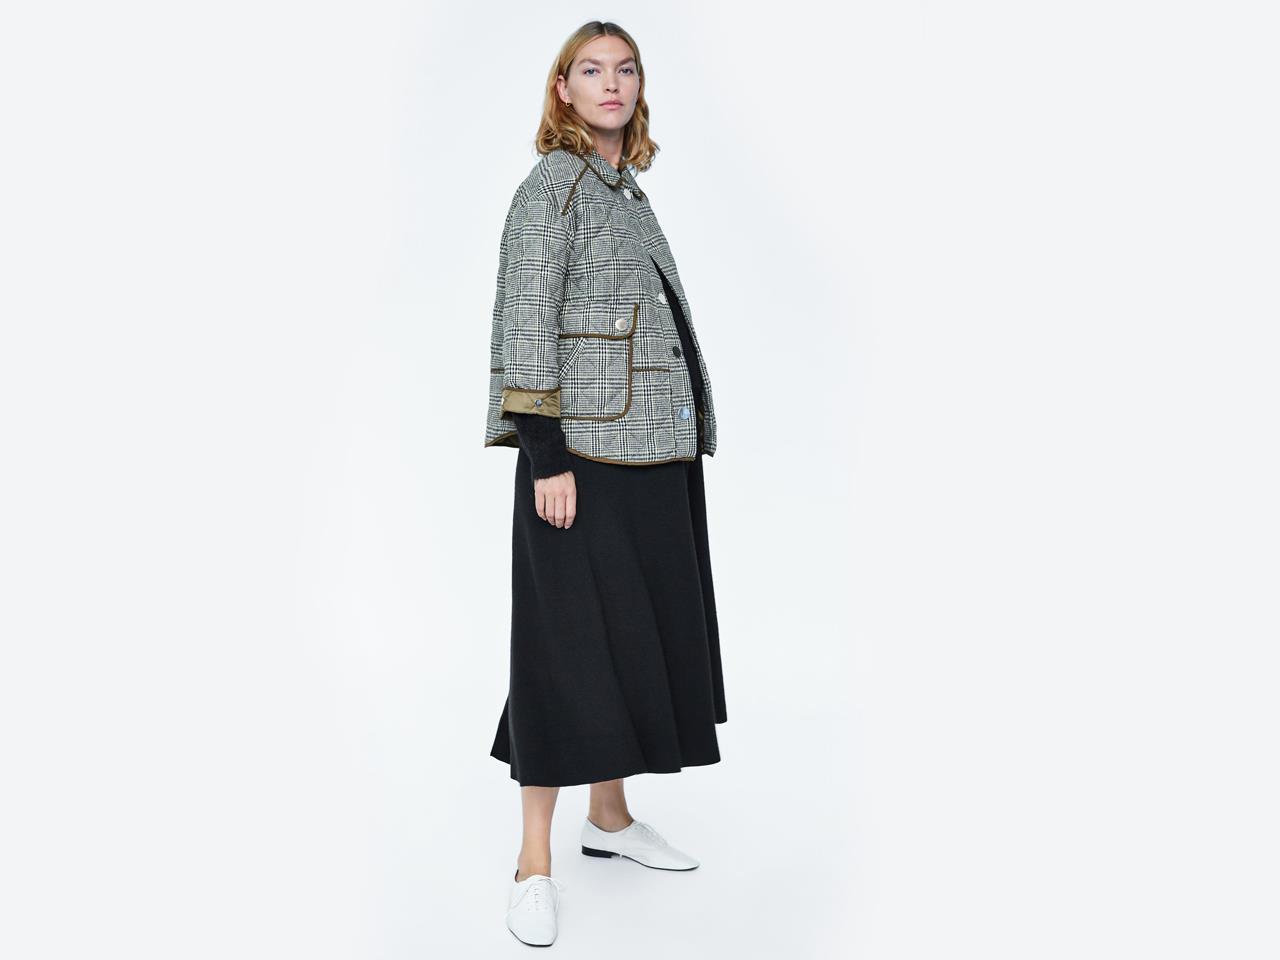 b26a9a1e3 meghan markle embarazada colección premamá zara chaqueta. Para Balmoral